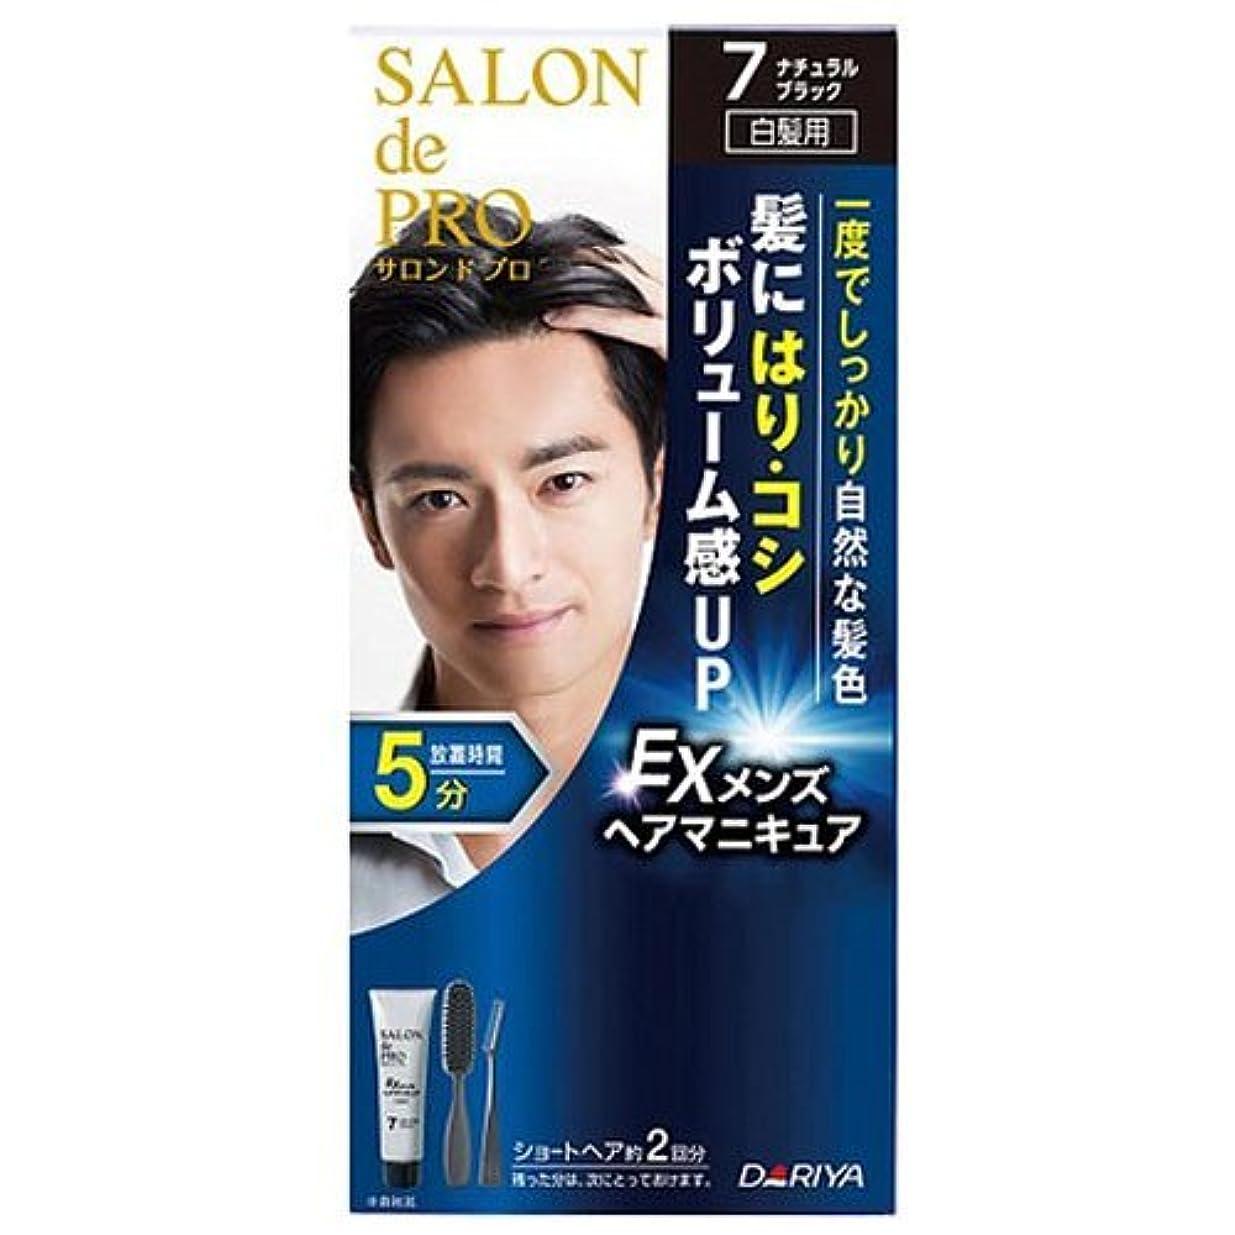 放置たらいジャンクサロンドプロ EXメンズヘアマニキュア 白髪用 7 ナチュラルブラック